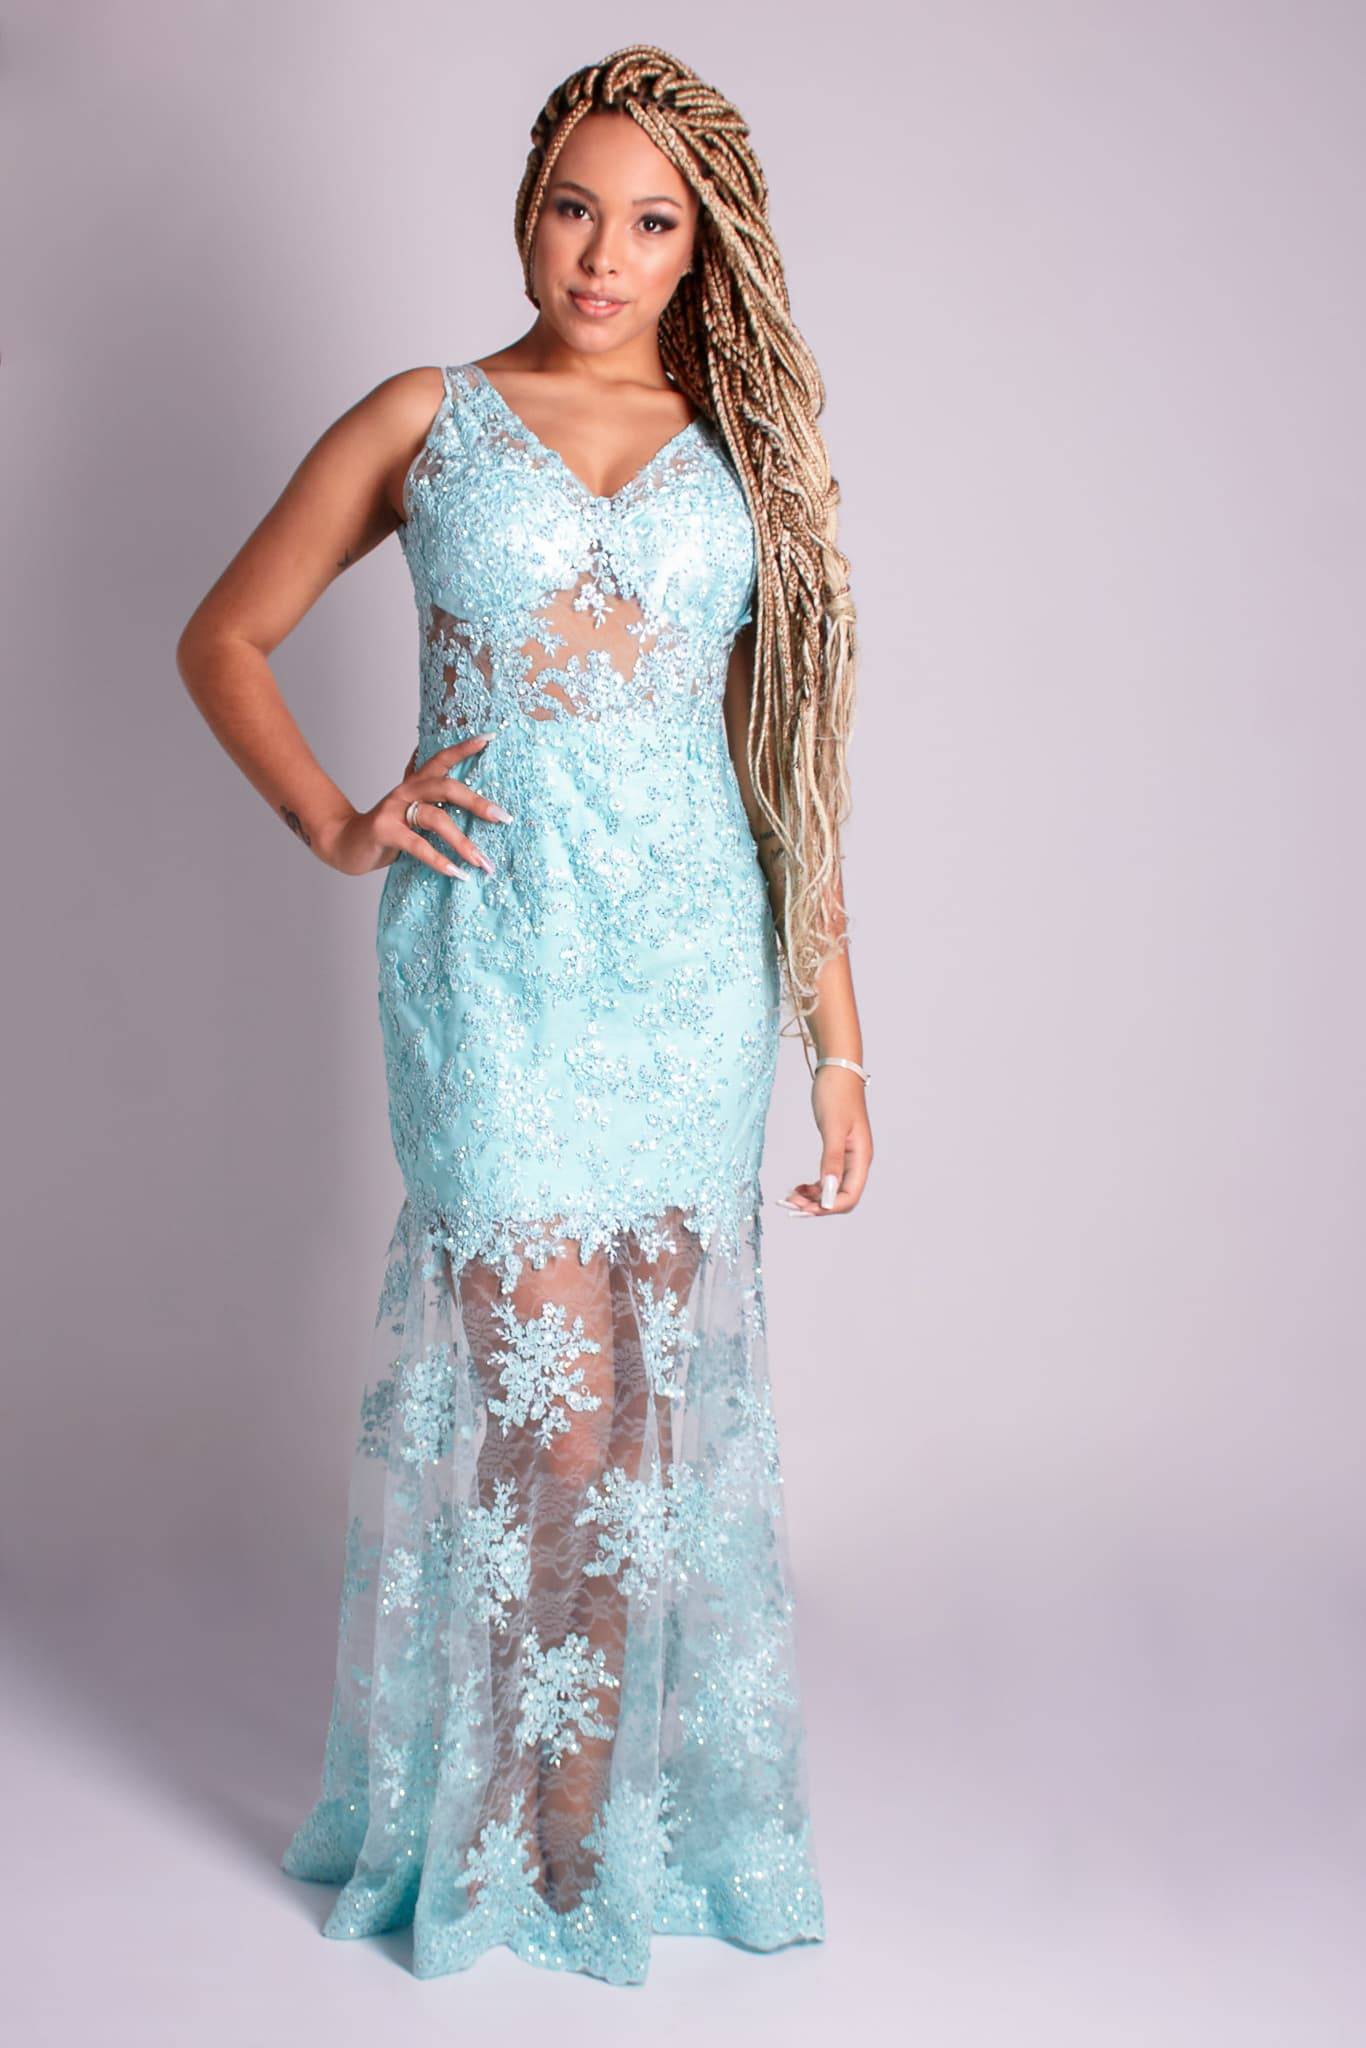 55 - vestido de renda tiffany com transparência